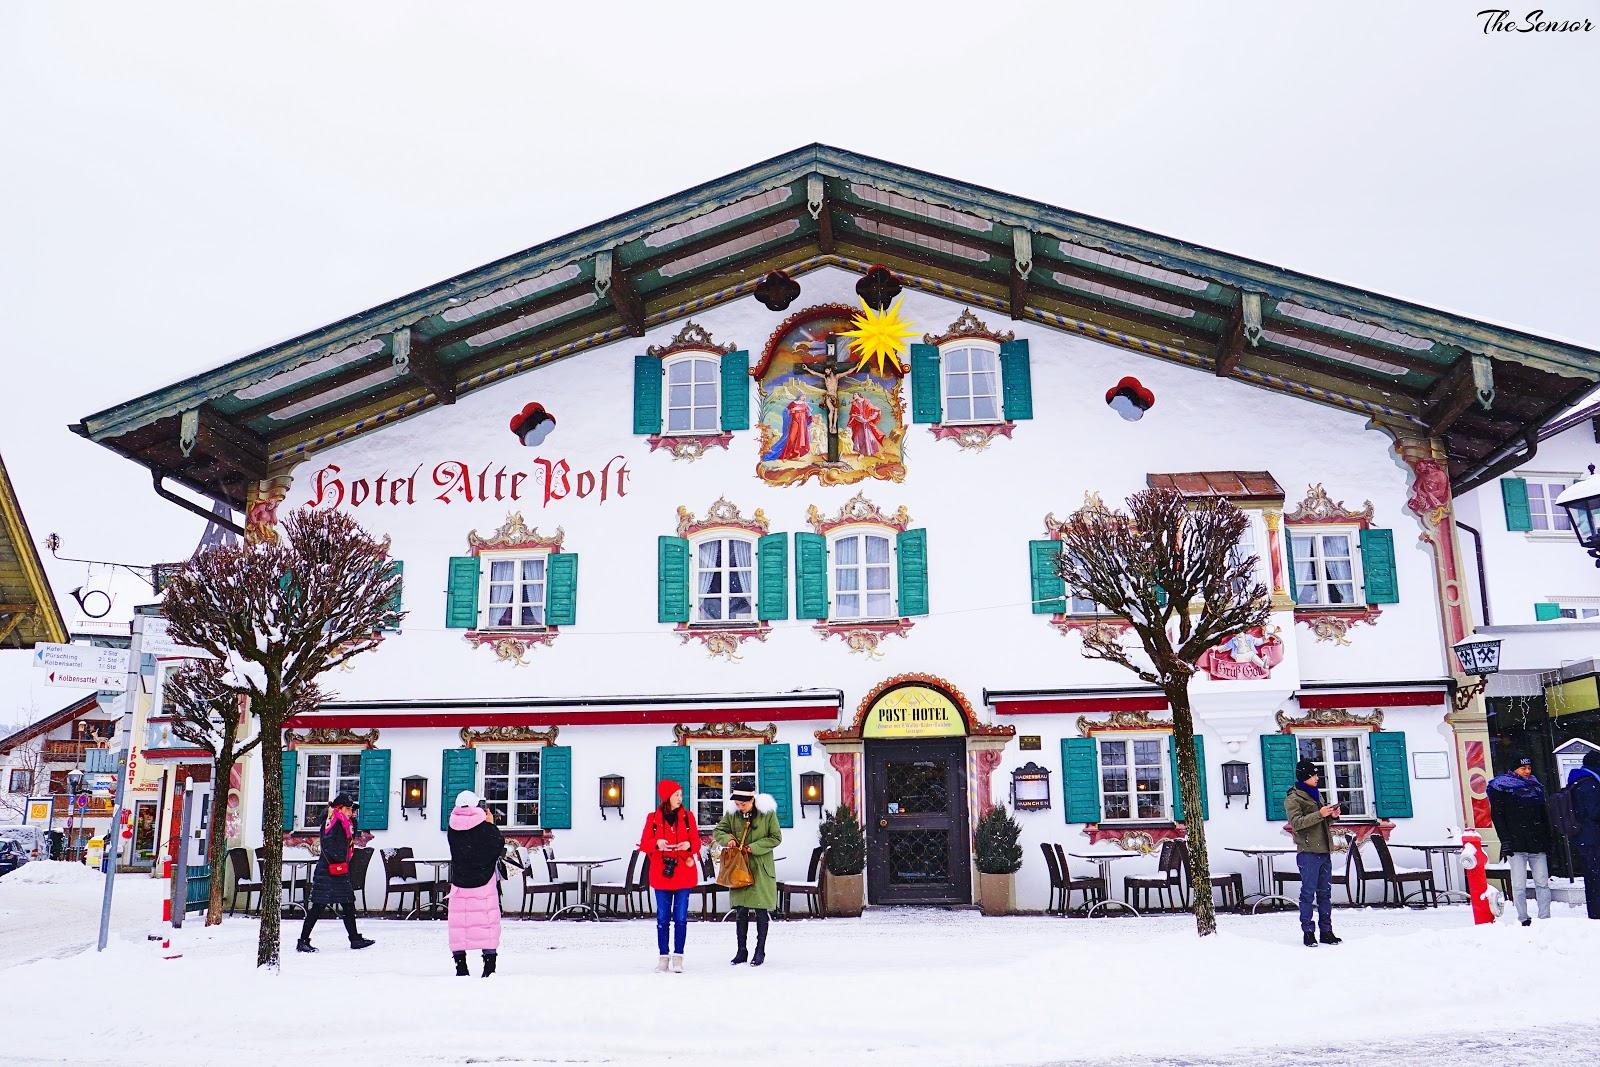 【2017德瑞法】奧伯拉瑪高Oberammergau-可愛溫馨小無聊的德國壁畫村 @ 蹺班179(77&99) :: 痞客邦